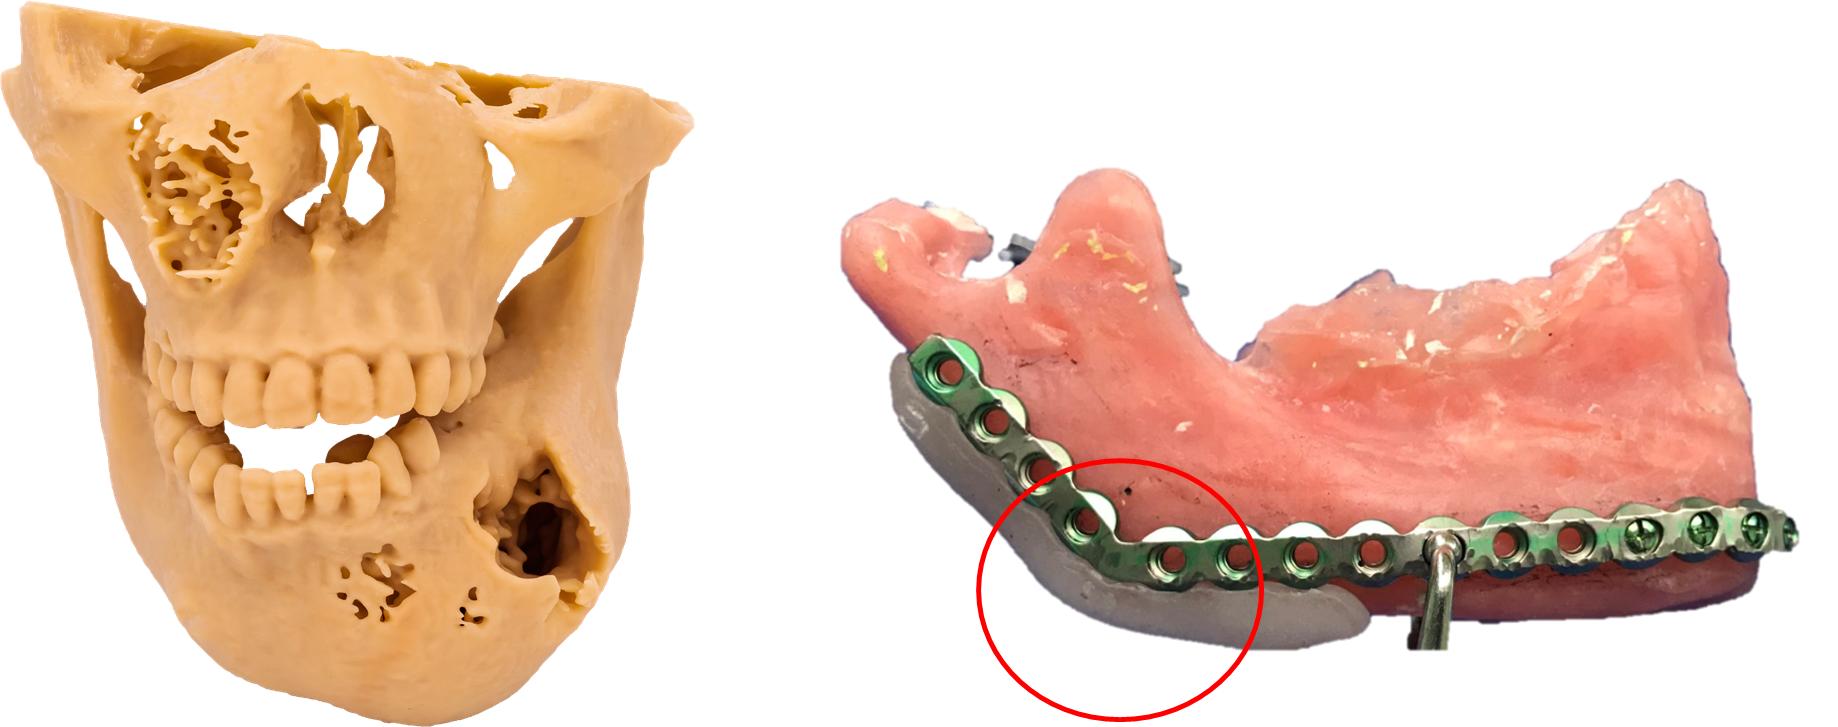 (左:3D列印重建病患下顎骨模型;右:於模型上預先客製化骨板及製作導引板)